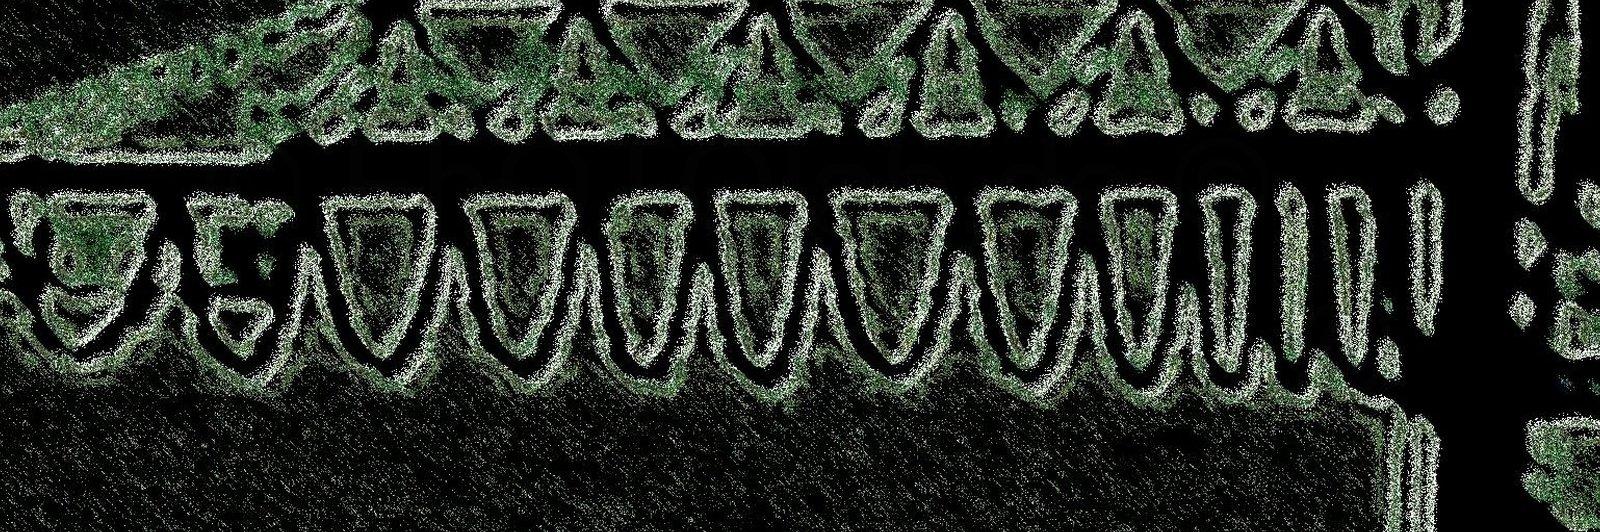 Auflösung I - Detail 3